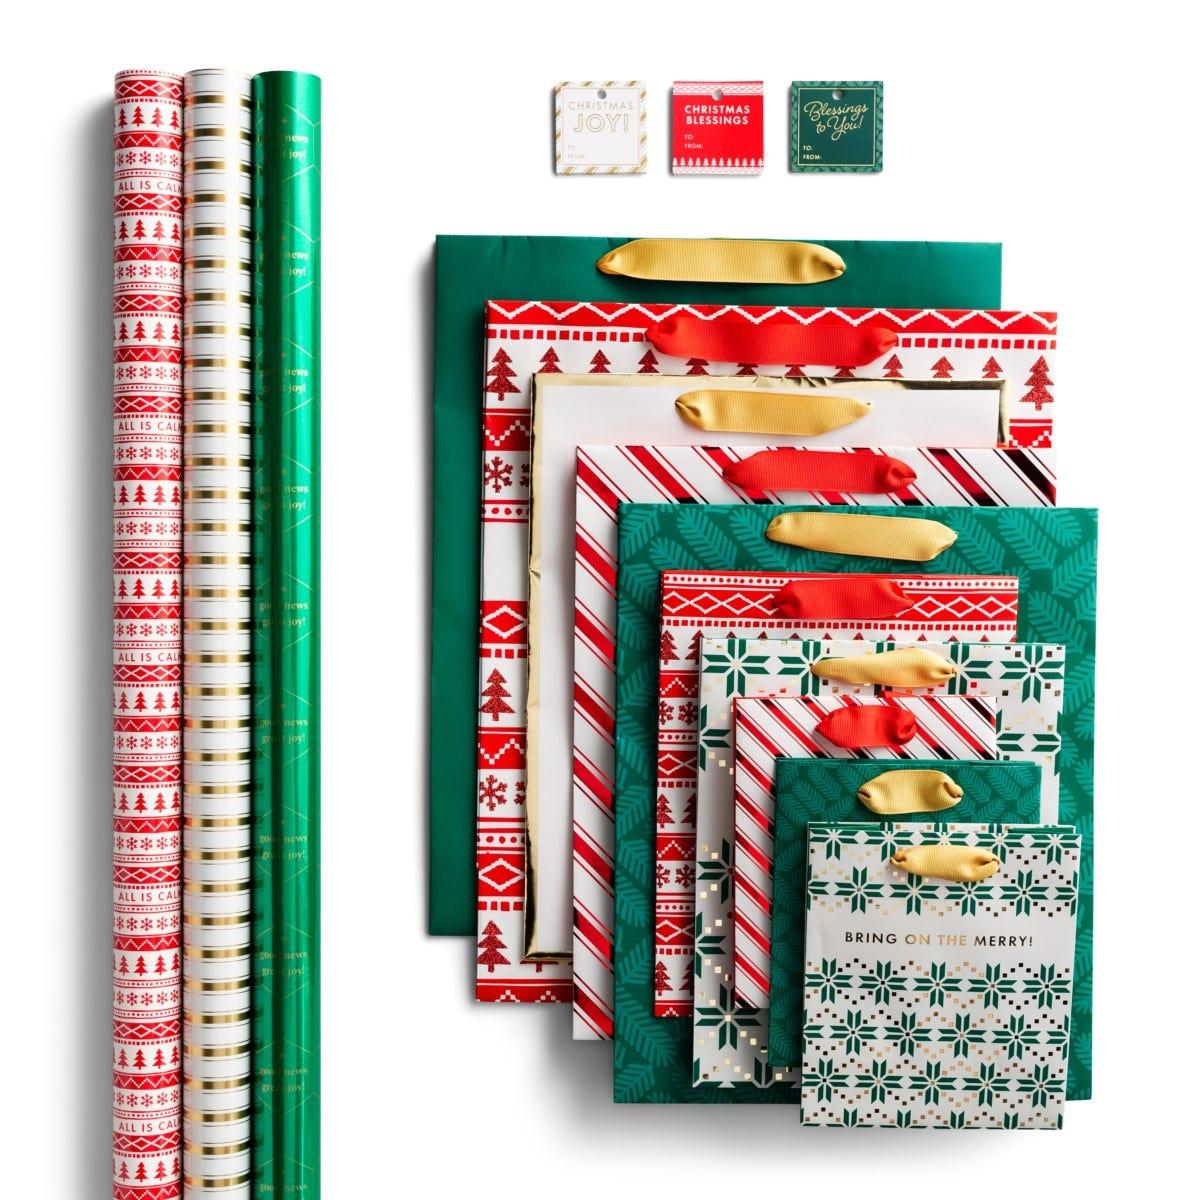 Christmas Gift Wrap & Bags